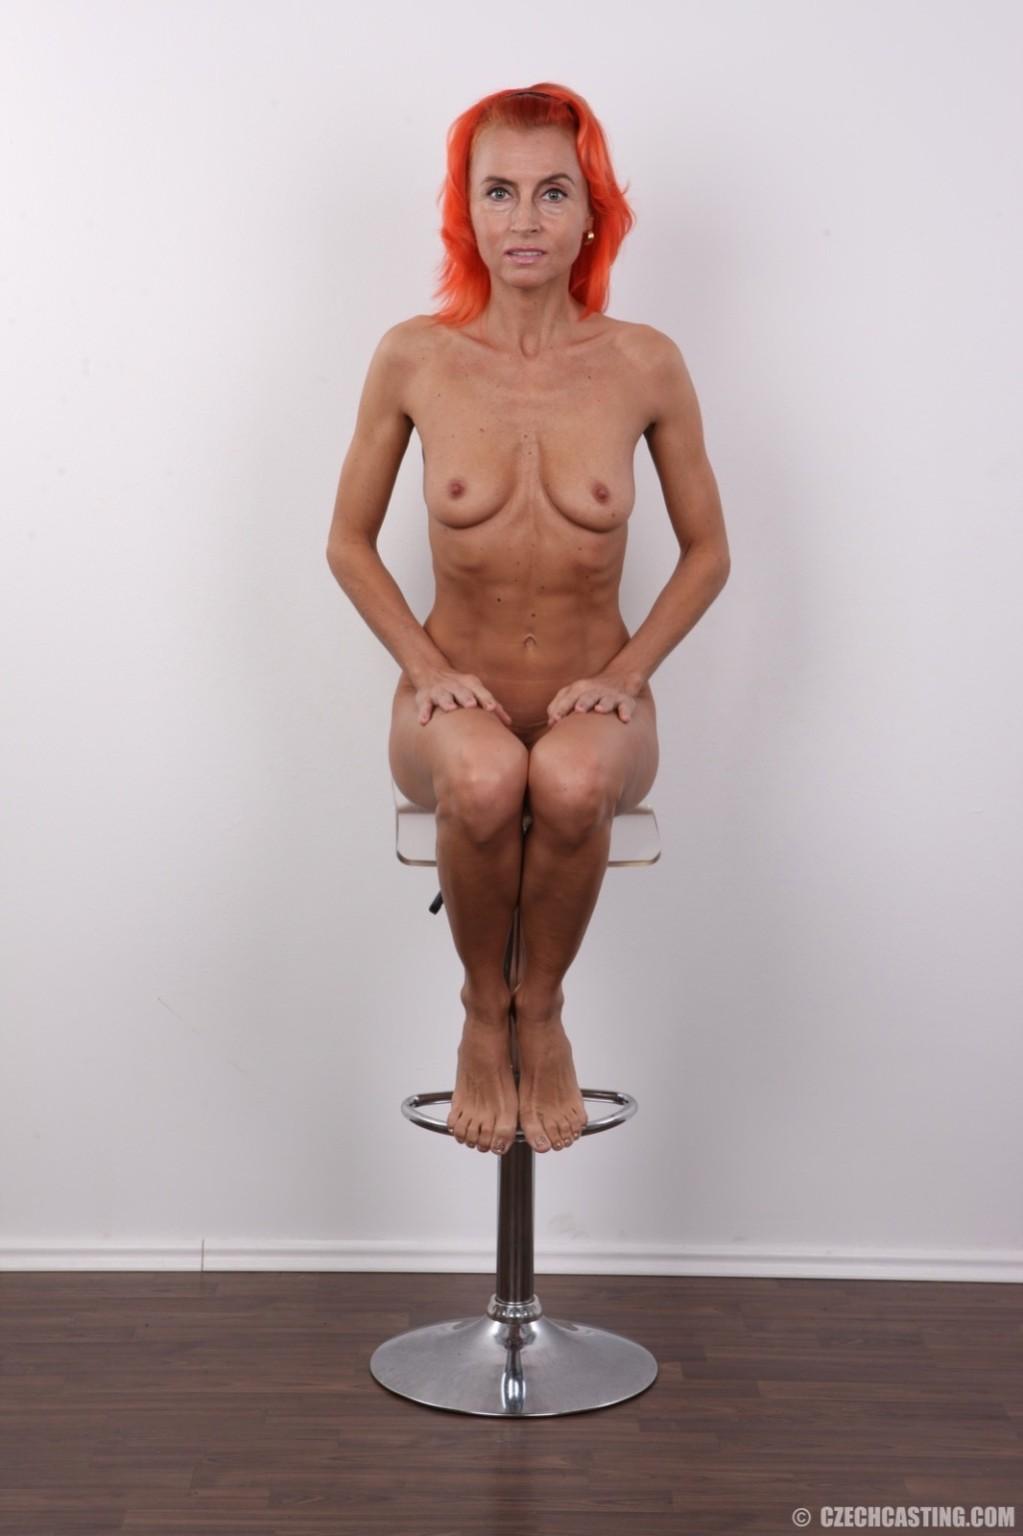 Пожилые - Порно галерея № 3496730